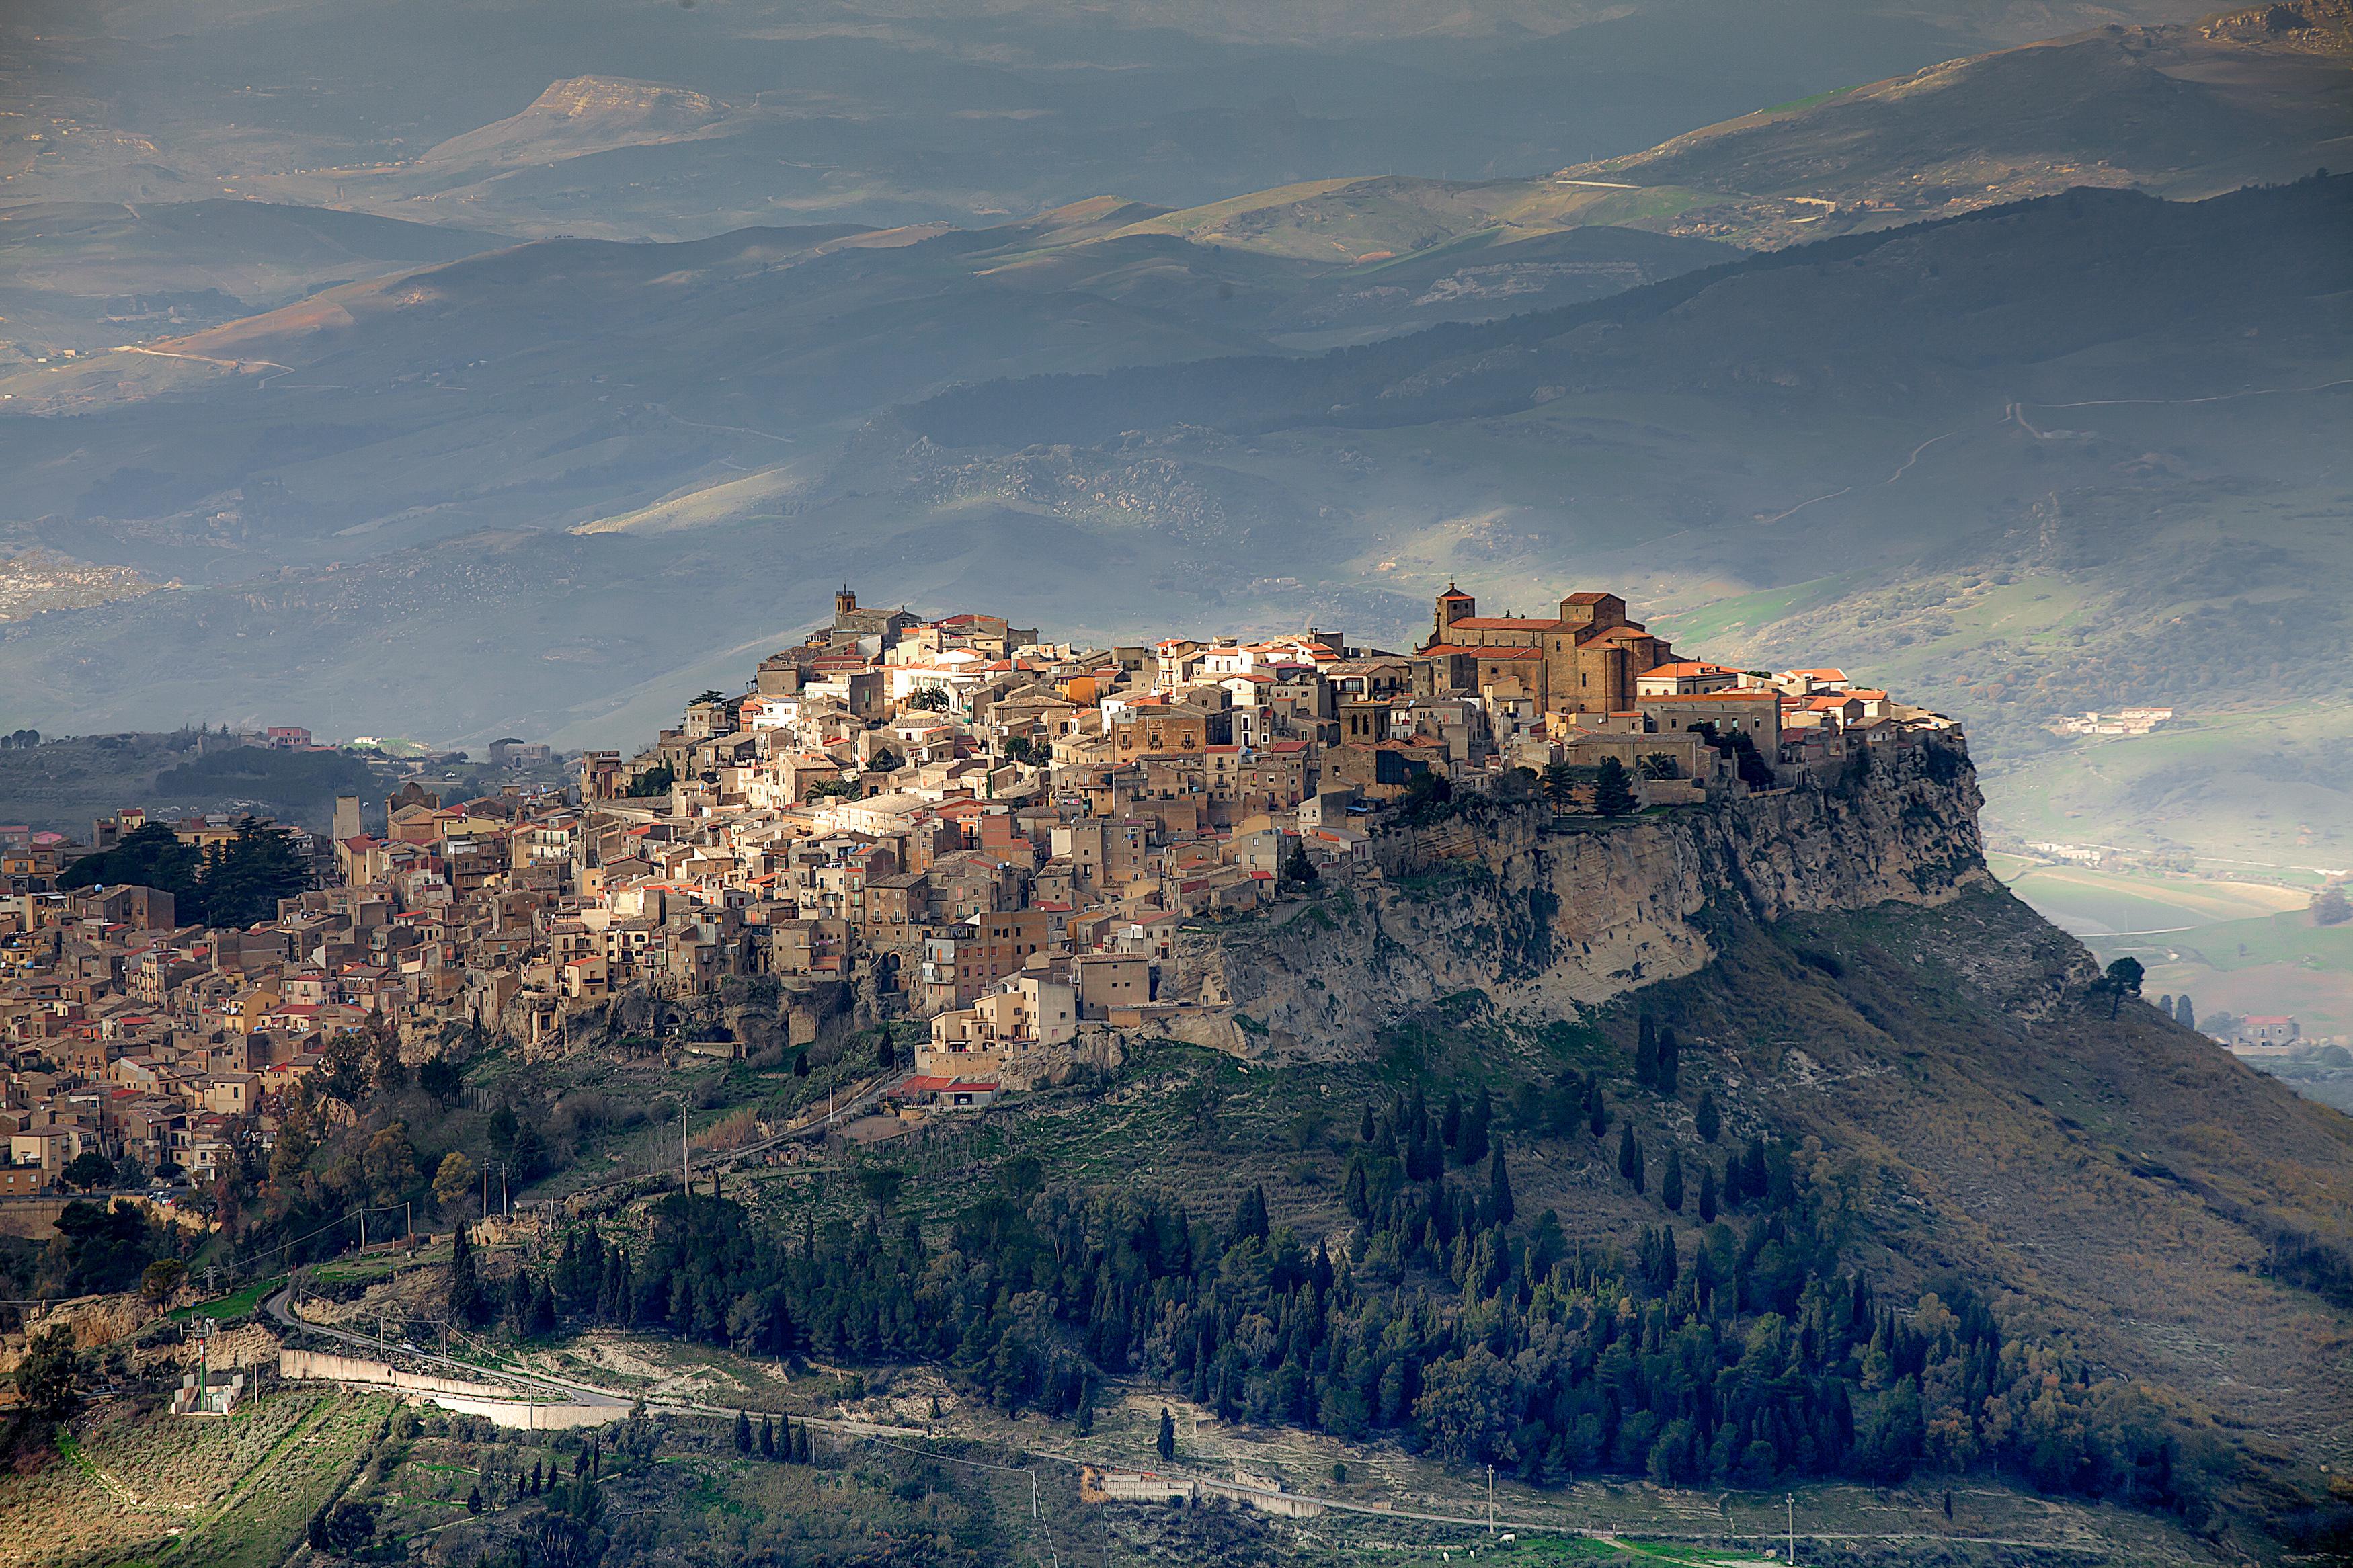 A Sicilying Vedere SiciliaCosa Enna Itinerari Di 08PkwnO